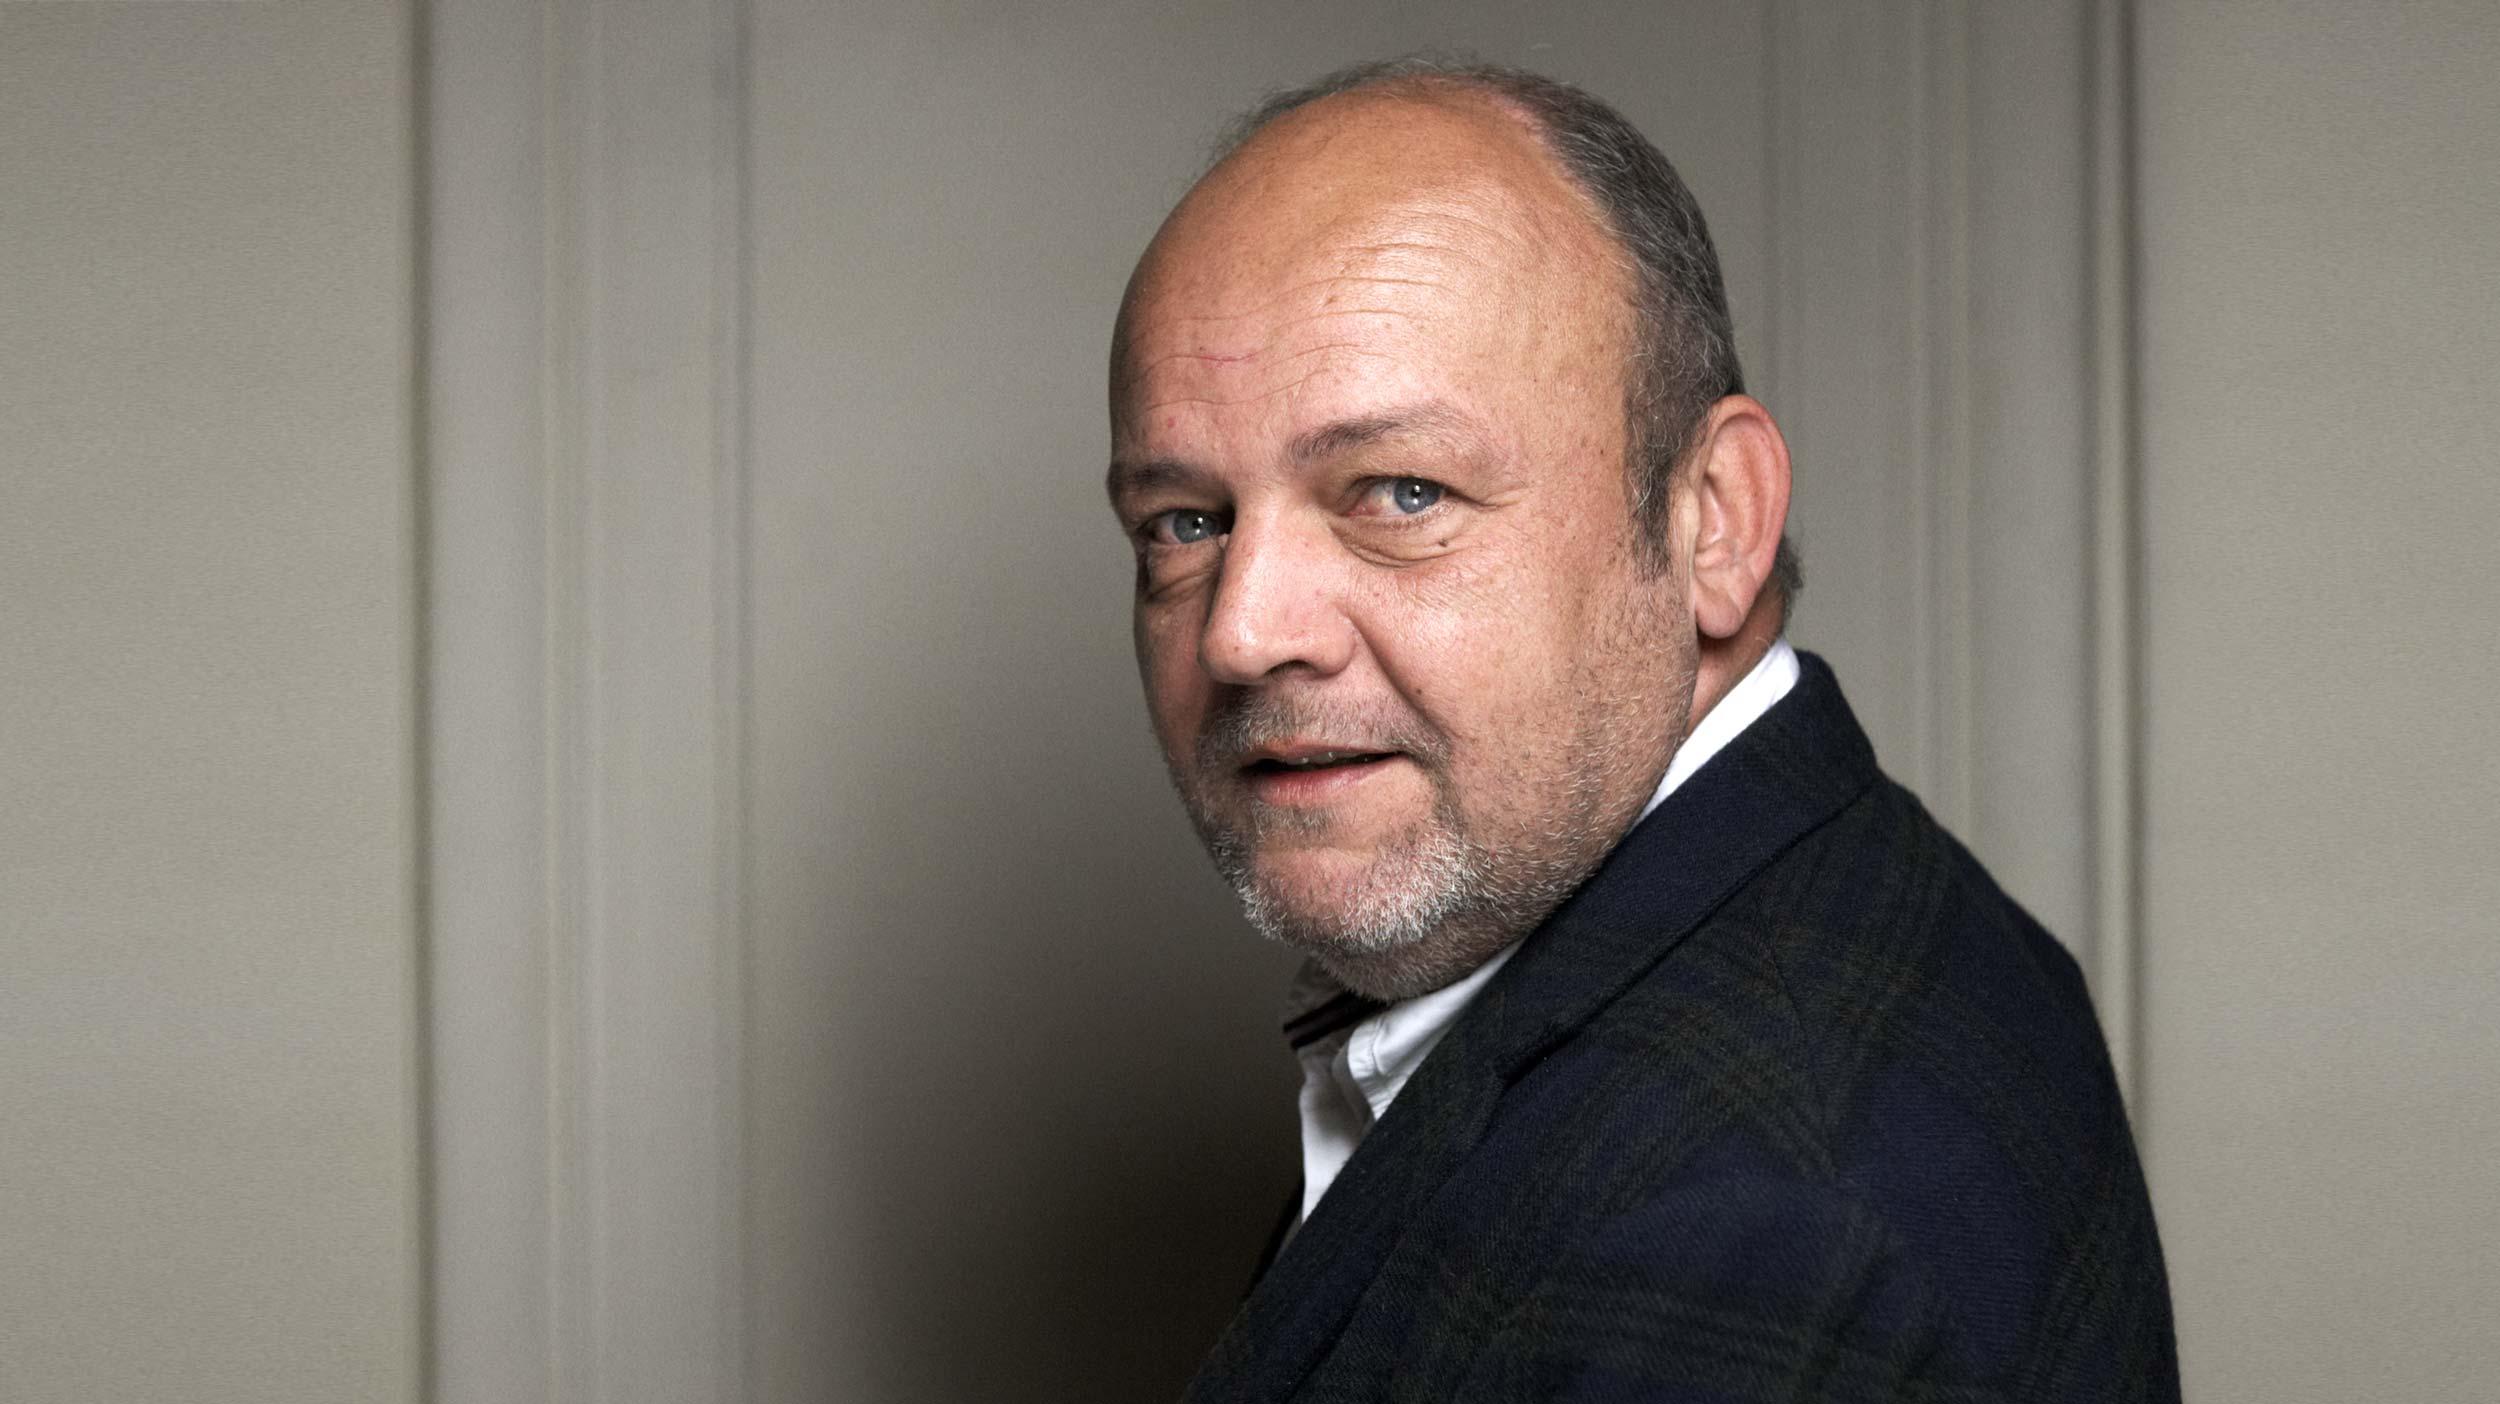 (Français) 3 questions à Jean-David Chamboredon, Président Exécutif d'ISAI et co-Président de France Digitale